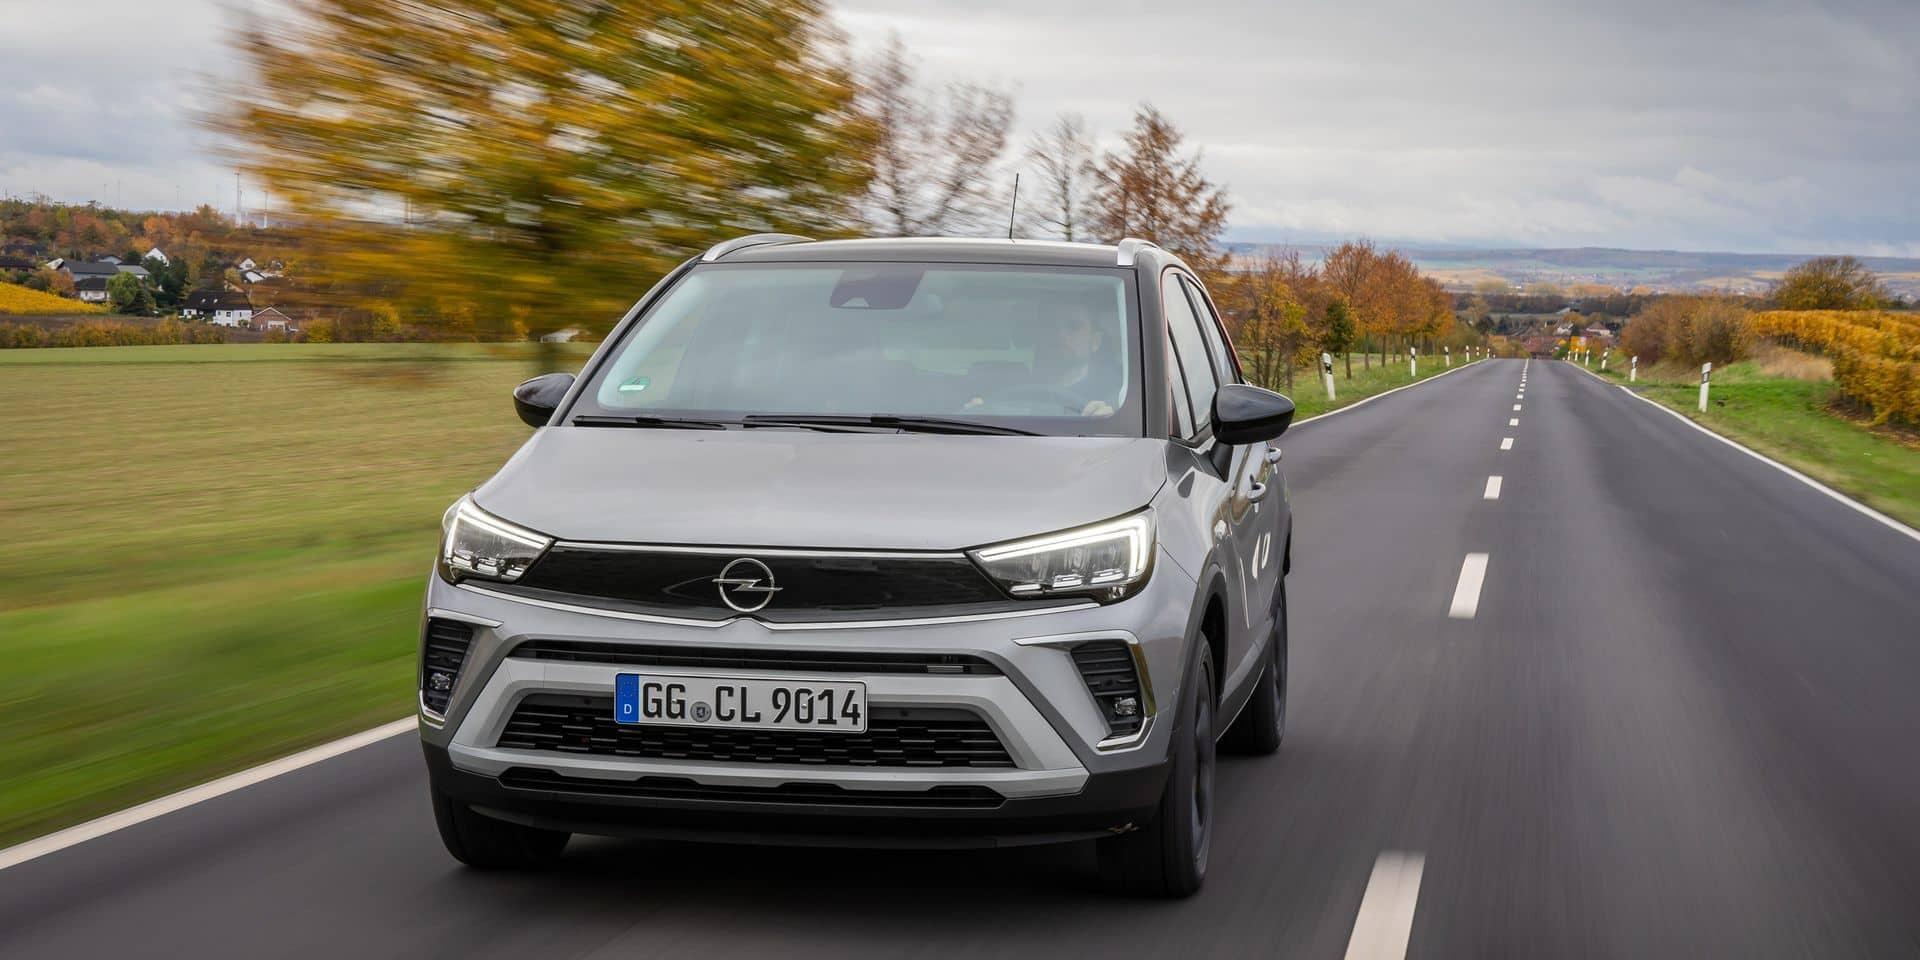 Essai auto: Opel Crossland 2020, une personnalité plus affirmée